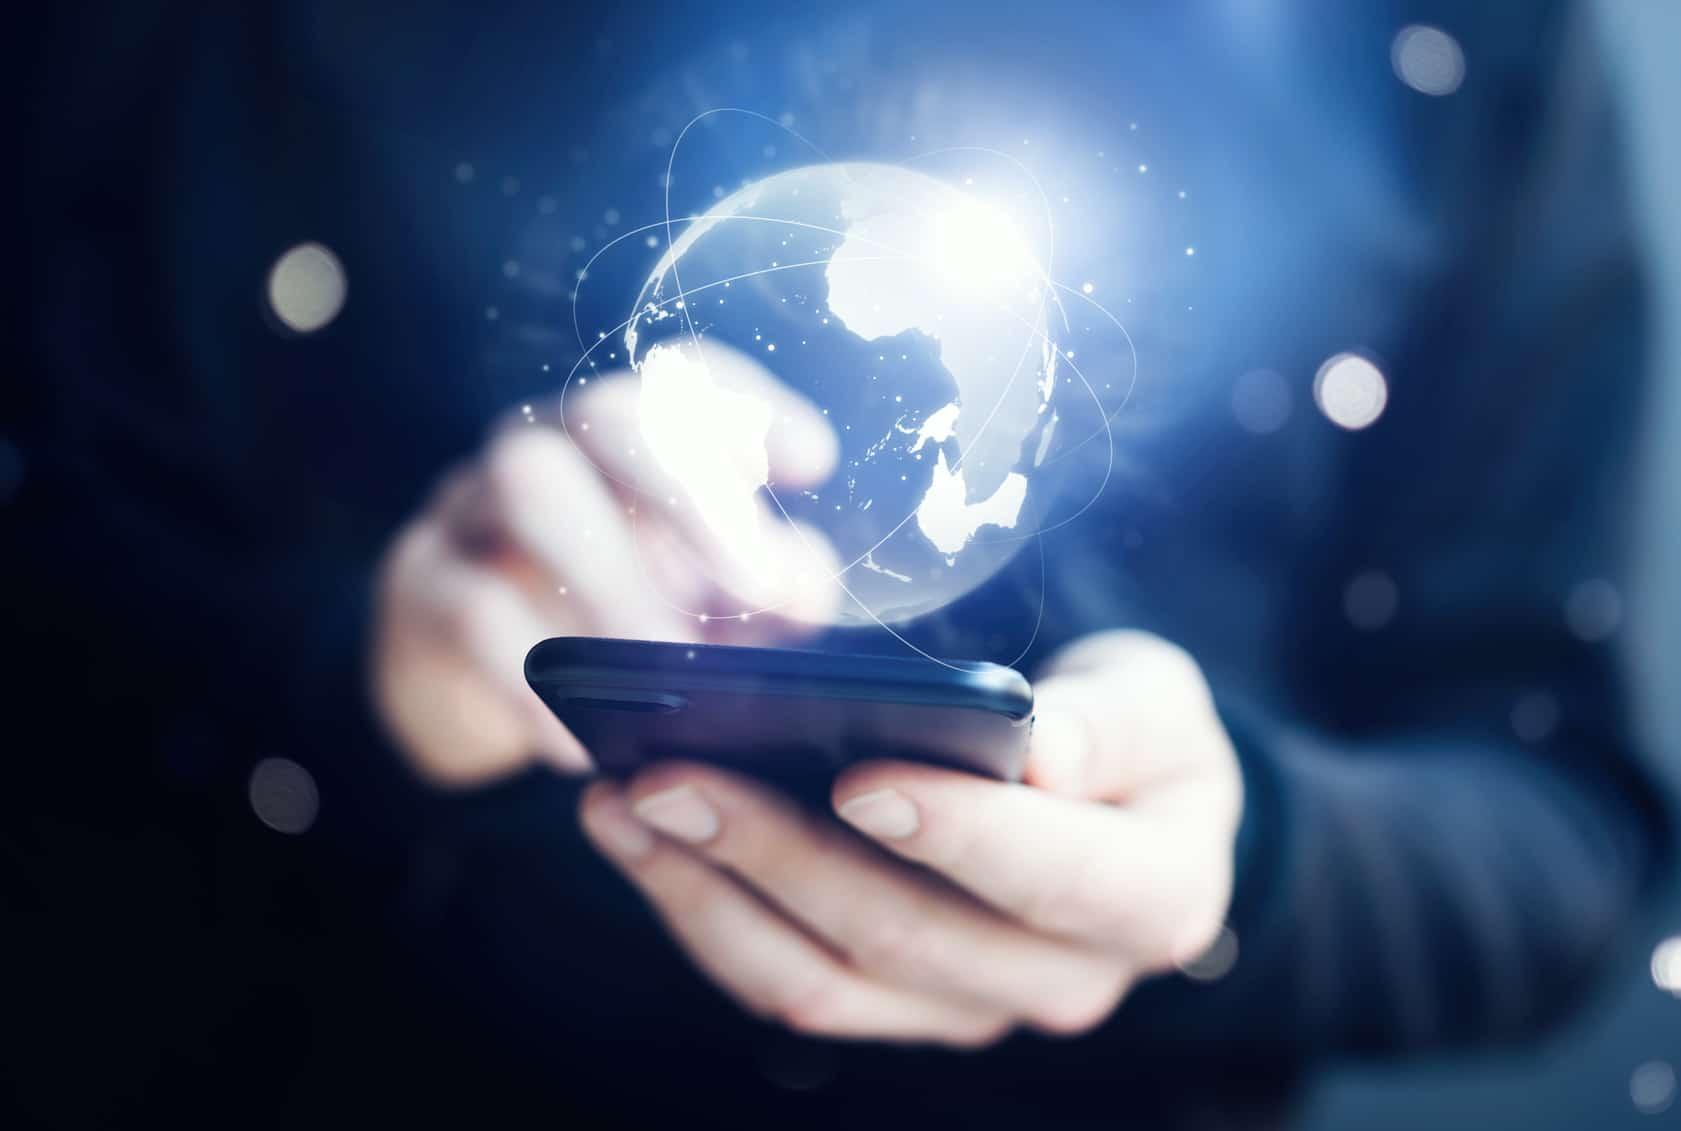 la compañía Altán Redes, dio a conocer el nuevo proyecto que pretende ofertar servicios de banda ancha donde hoy no existen, al tiempo de disminuir los precios en el mercado.